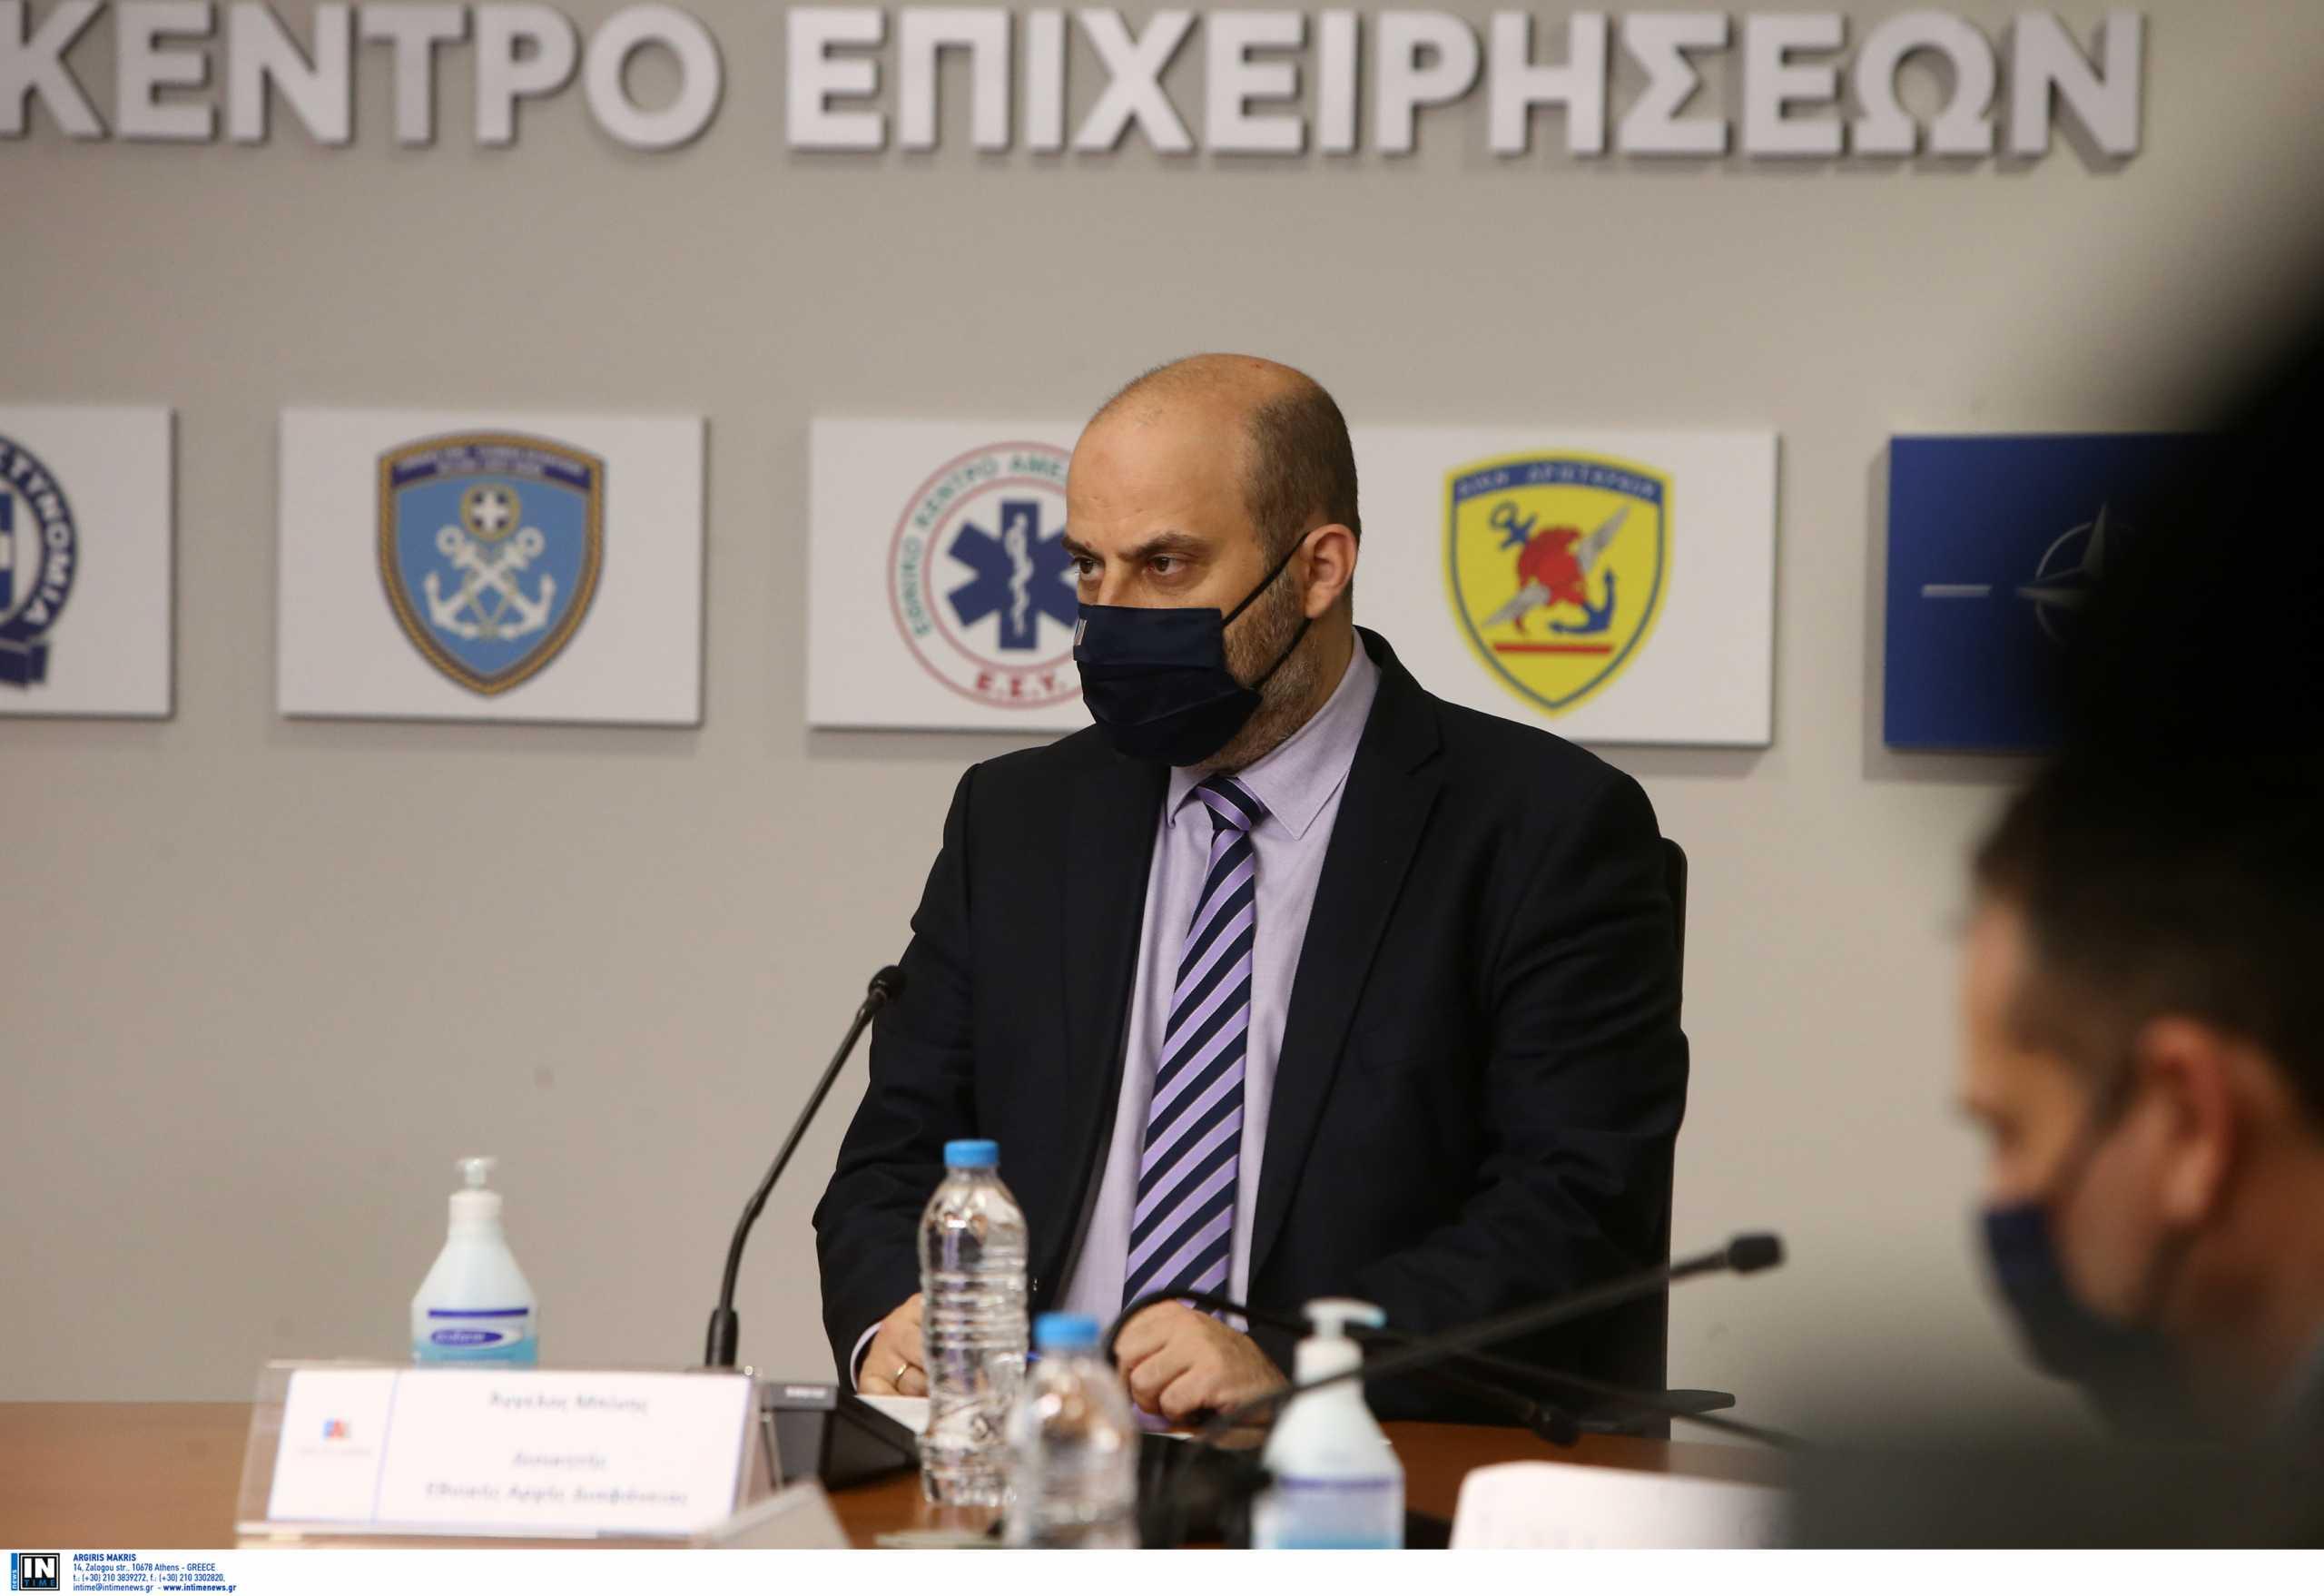 Με ψήφους της ΝΔ διοικητής της Εθνικής Αρχής Διαφάνειας ο Άγγελος Μπίνης